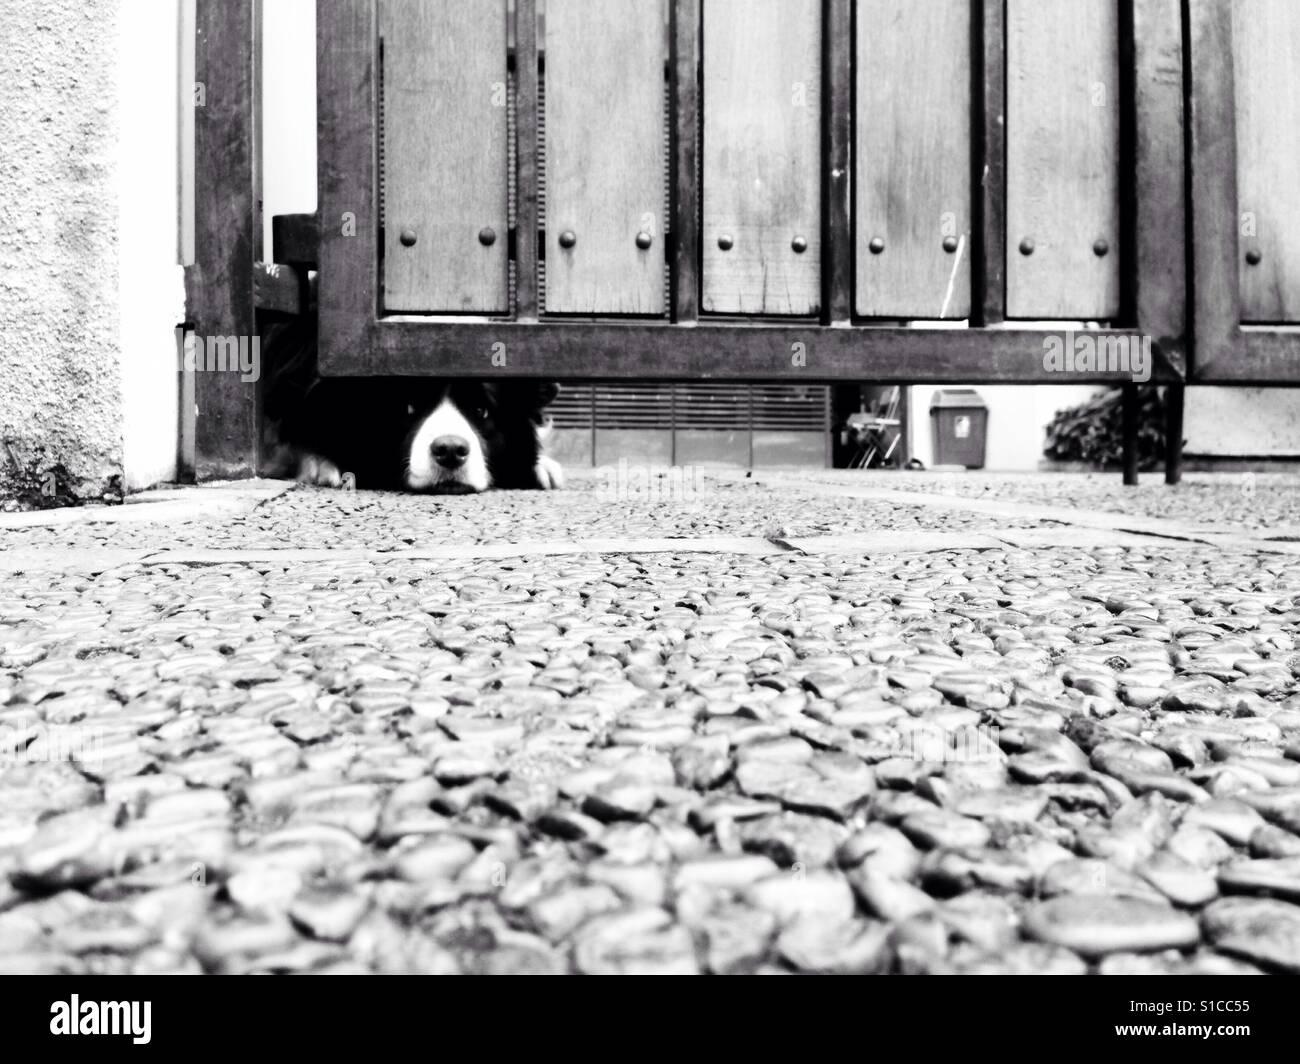 Dog Peek Outside from Under Fence Garage - Stock Image